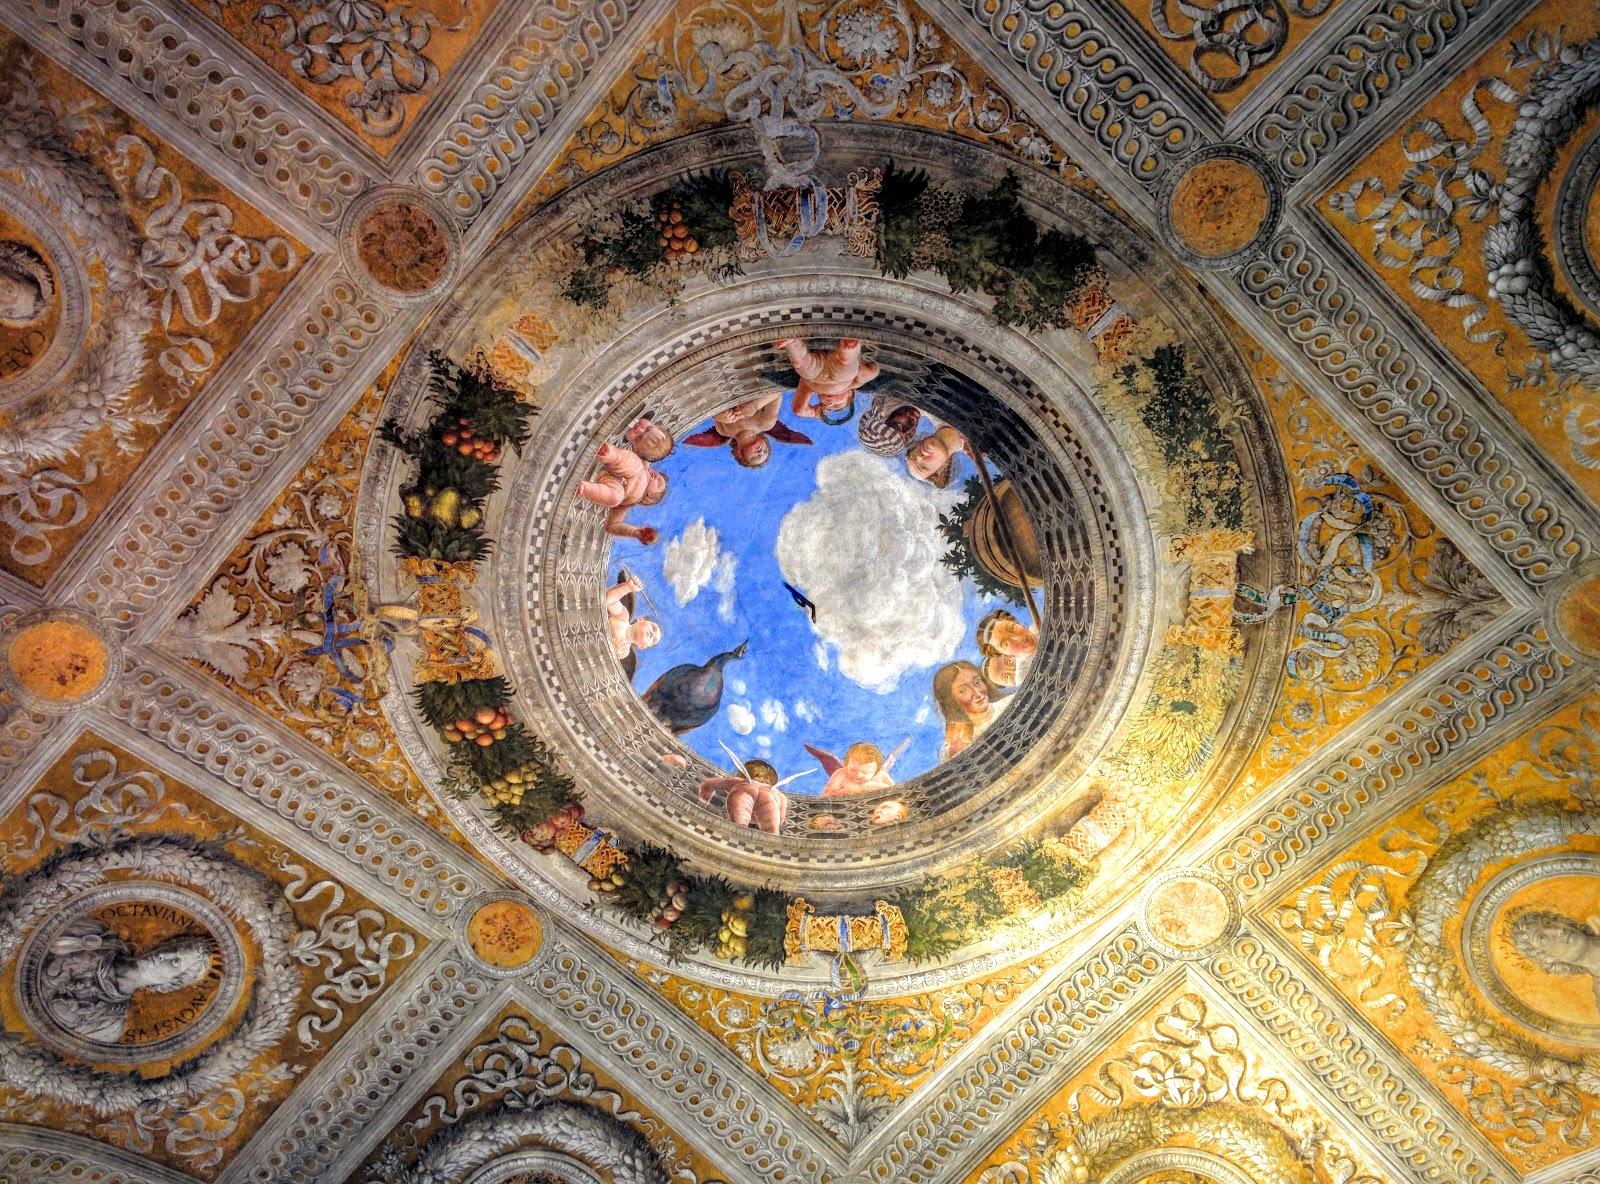 Itinerario mantova alla corte dei gonzaga for Palazzo ducale mantova camera degli sposi